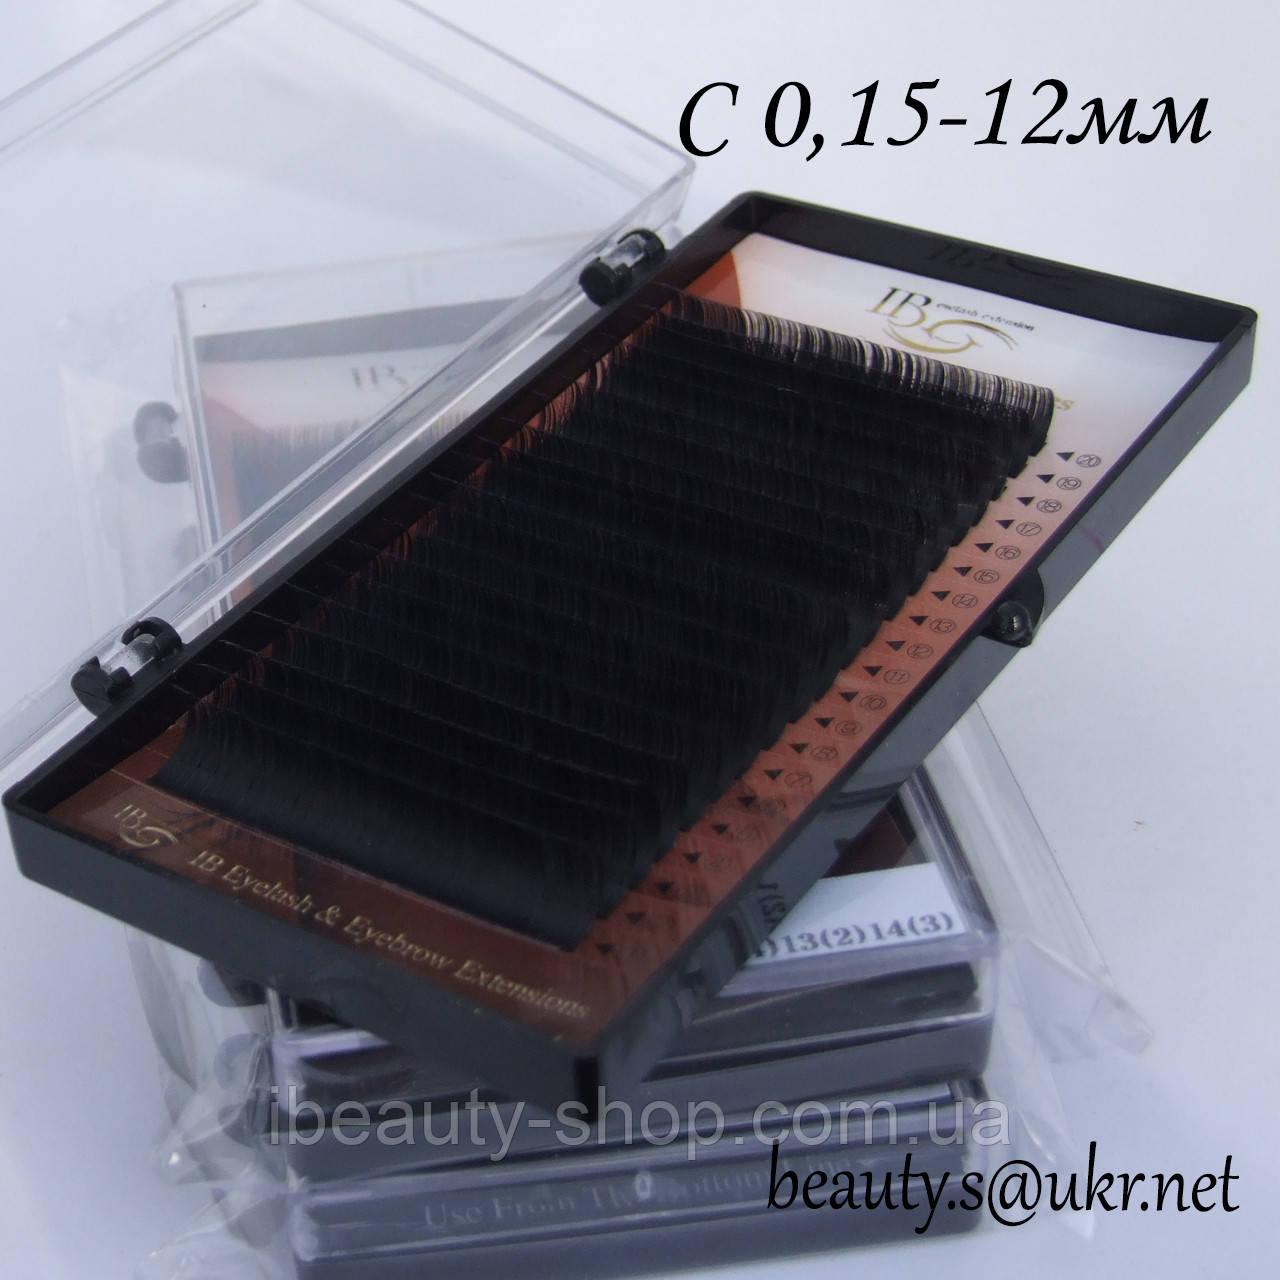 Ресницы  I-Beauty на ленте С-0,15 12мм